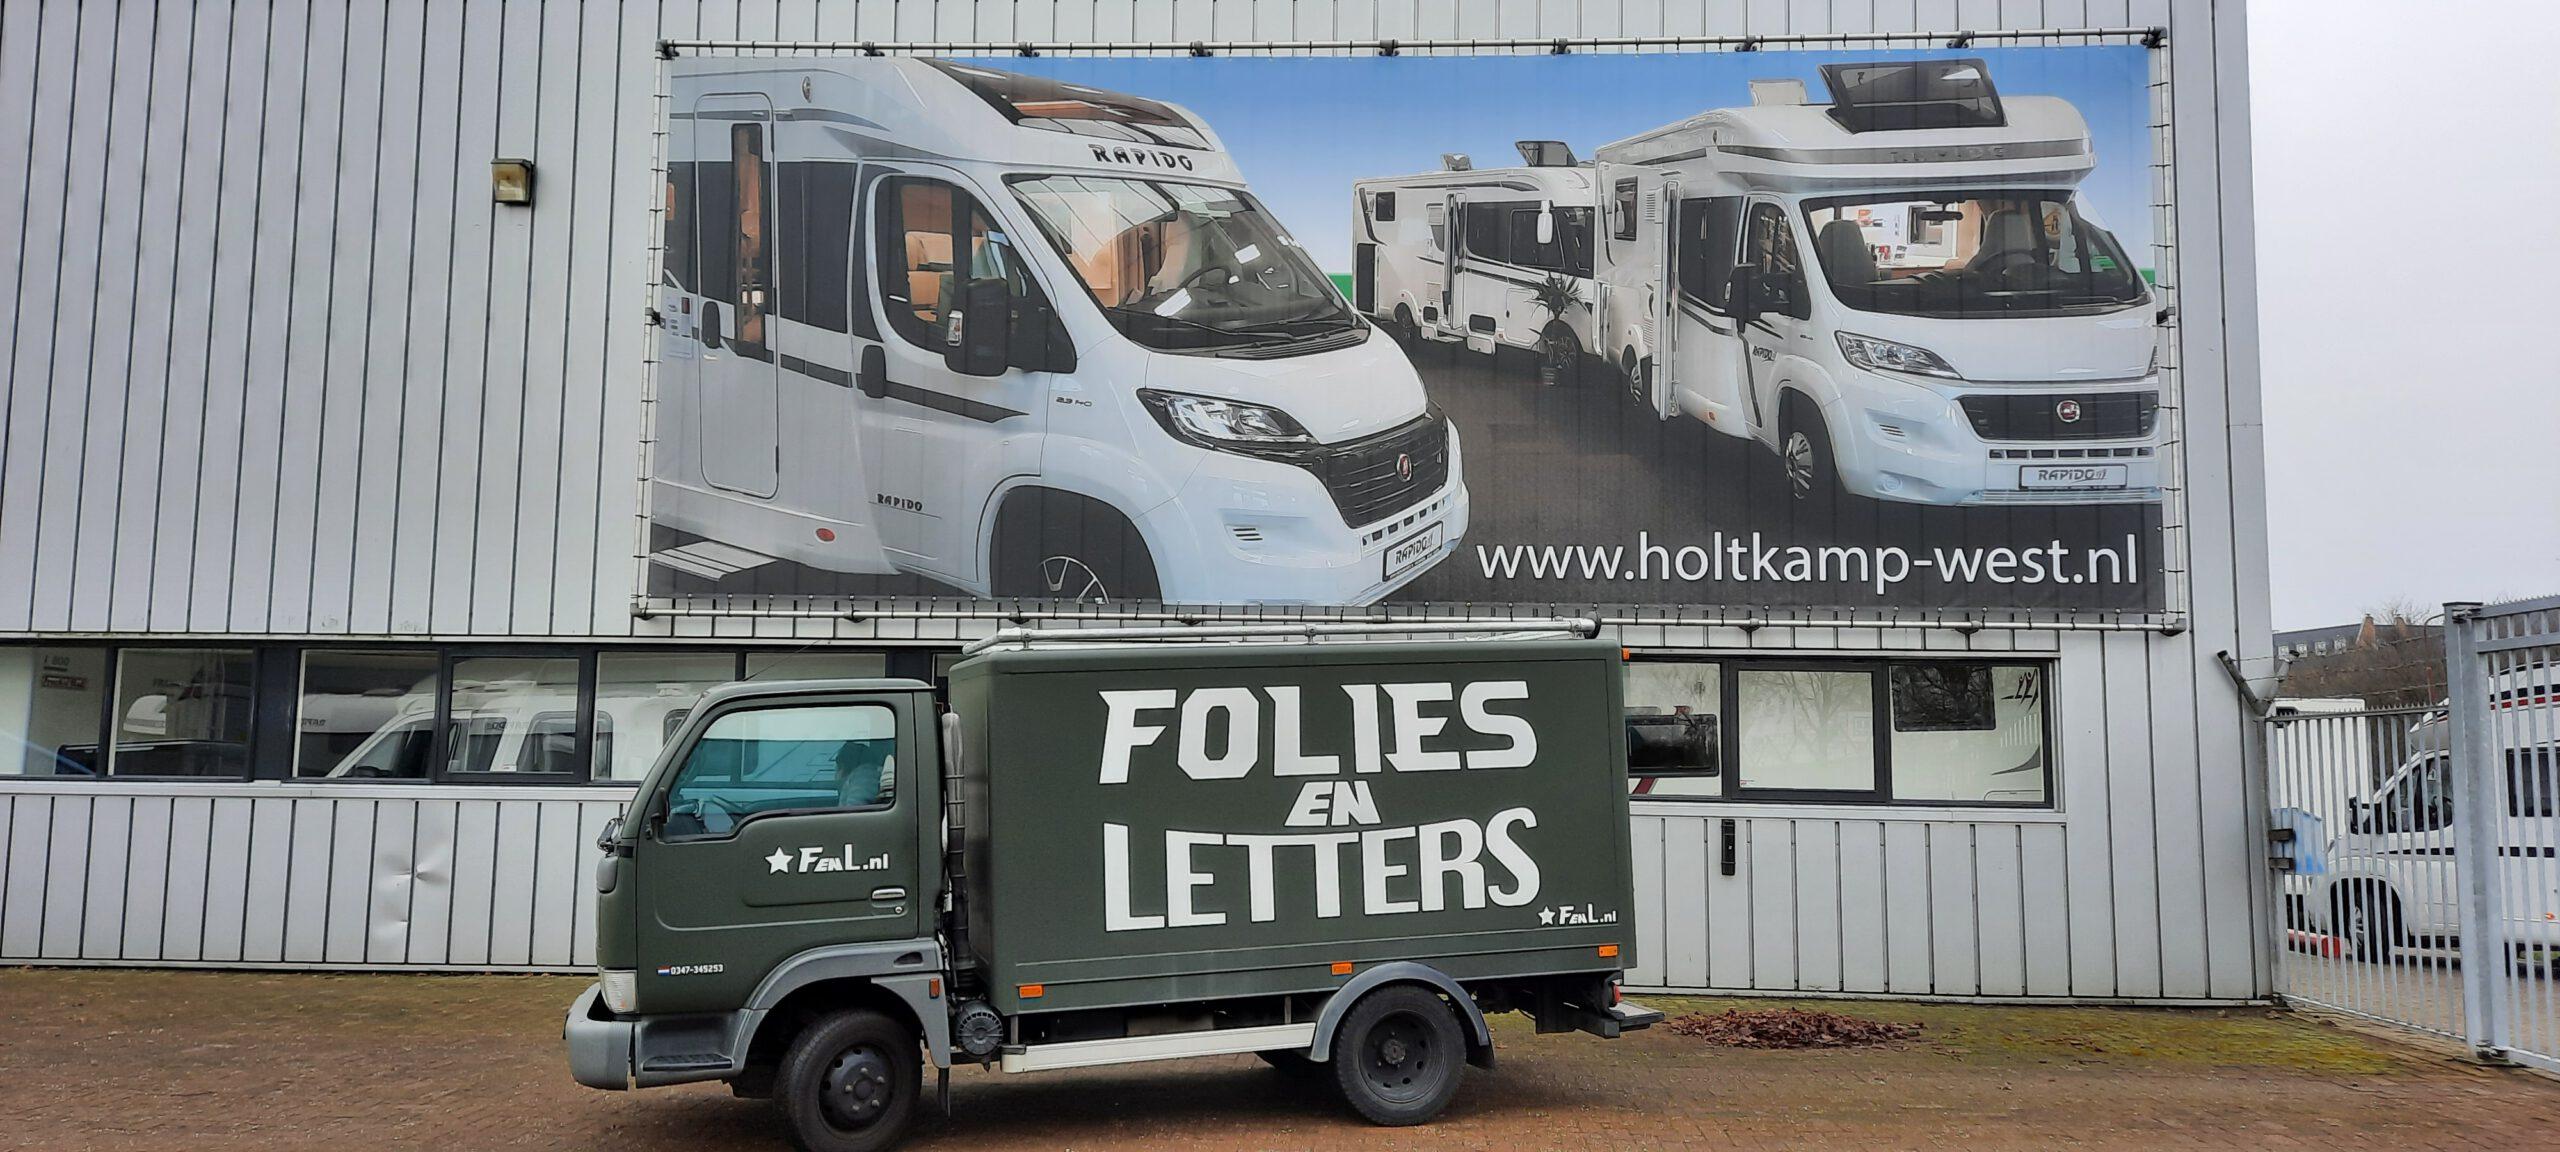 Spandoek Holtkamp Nieuwegein